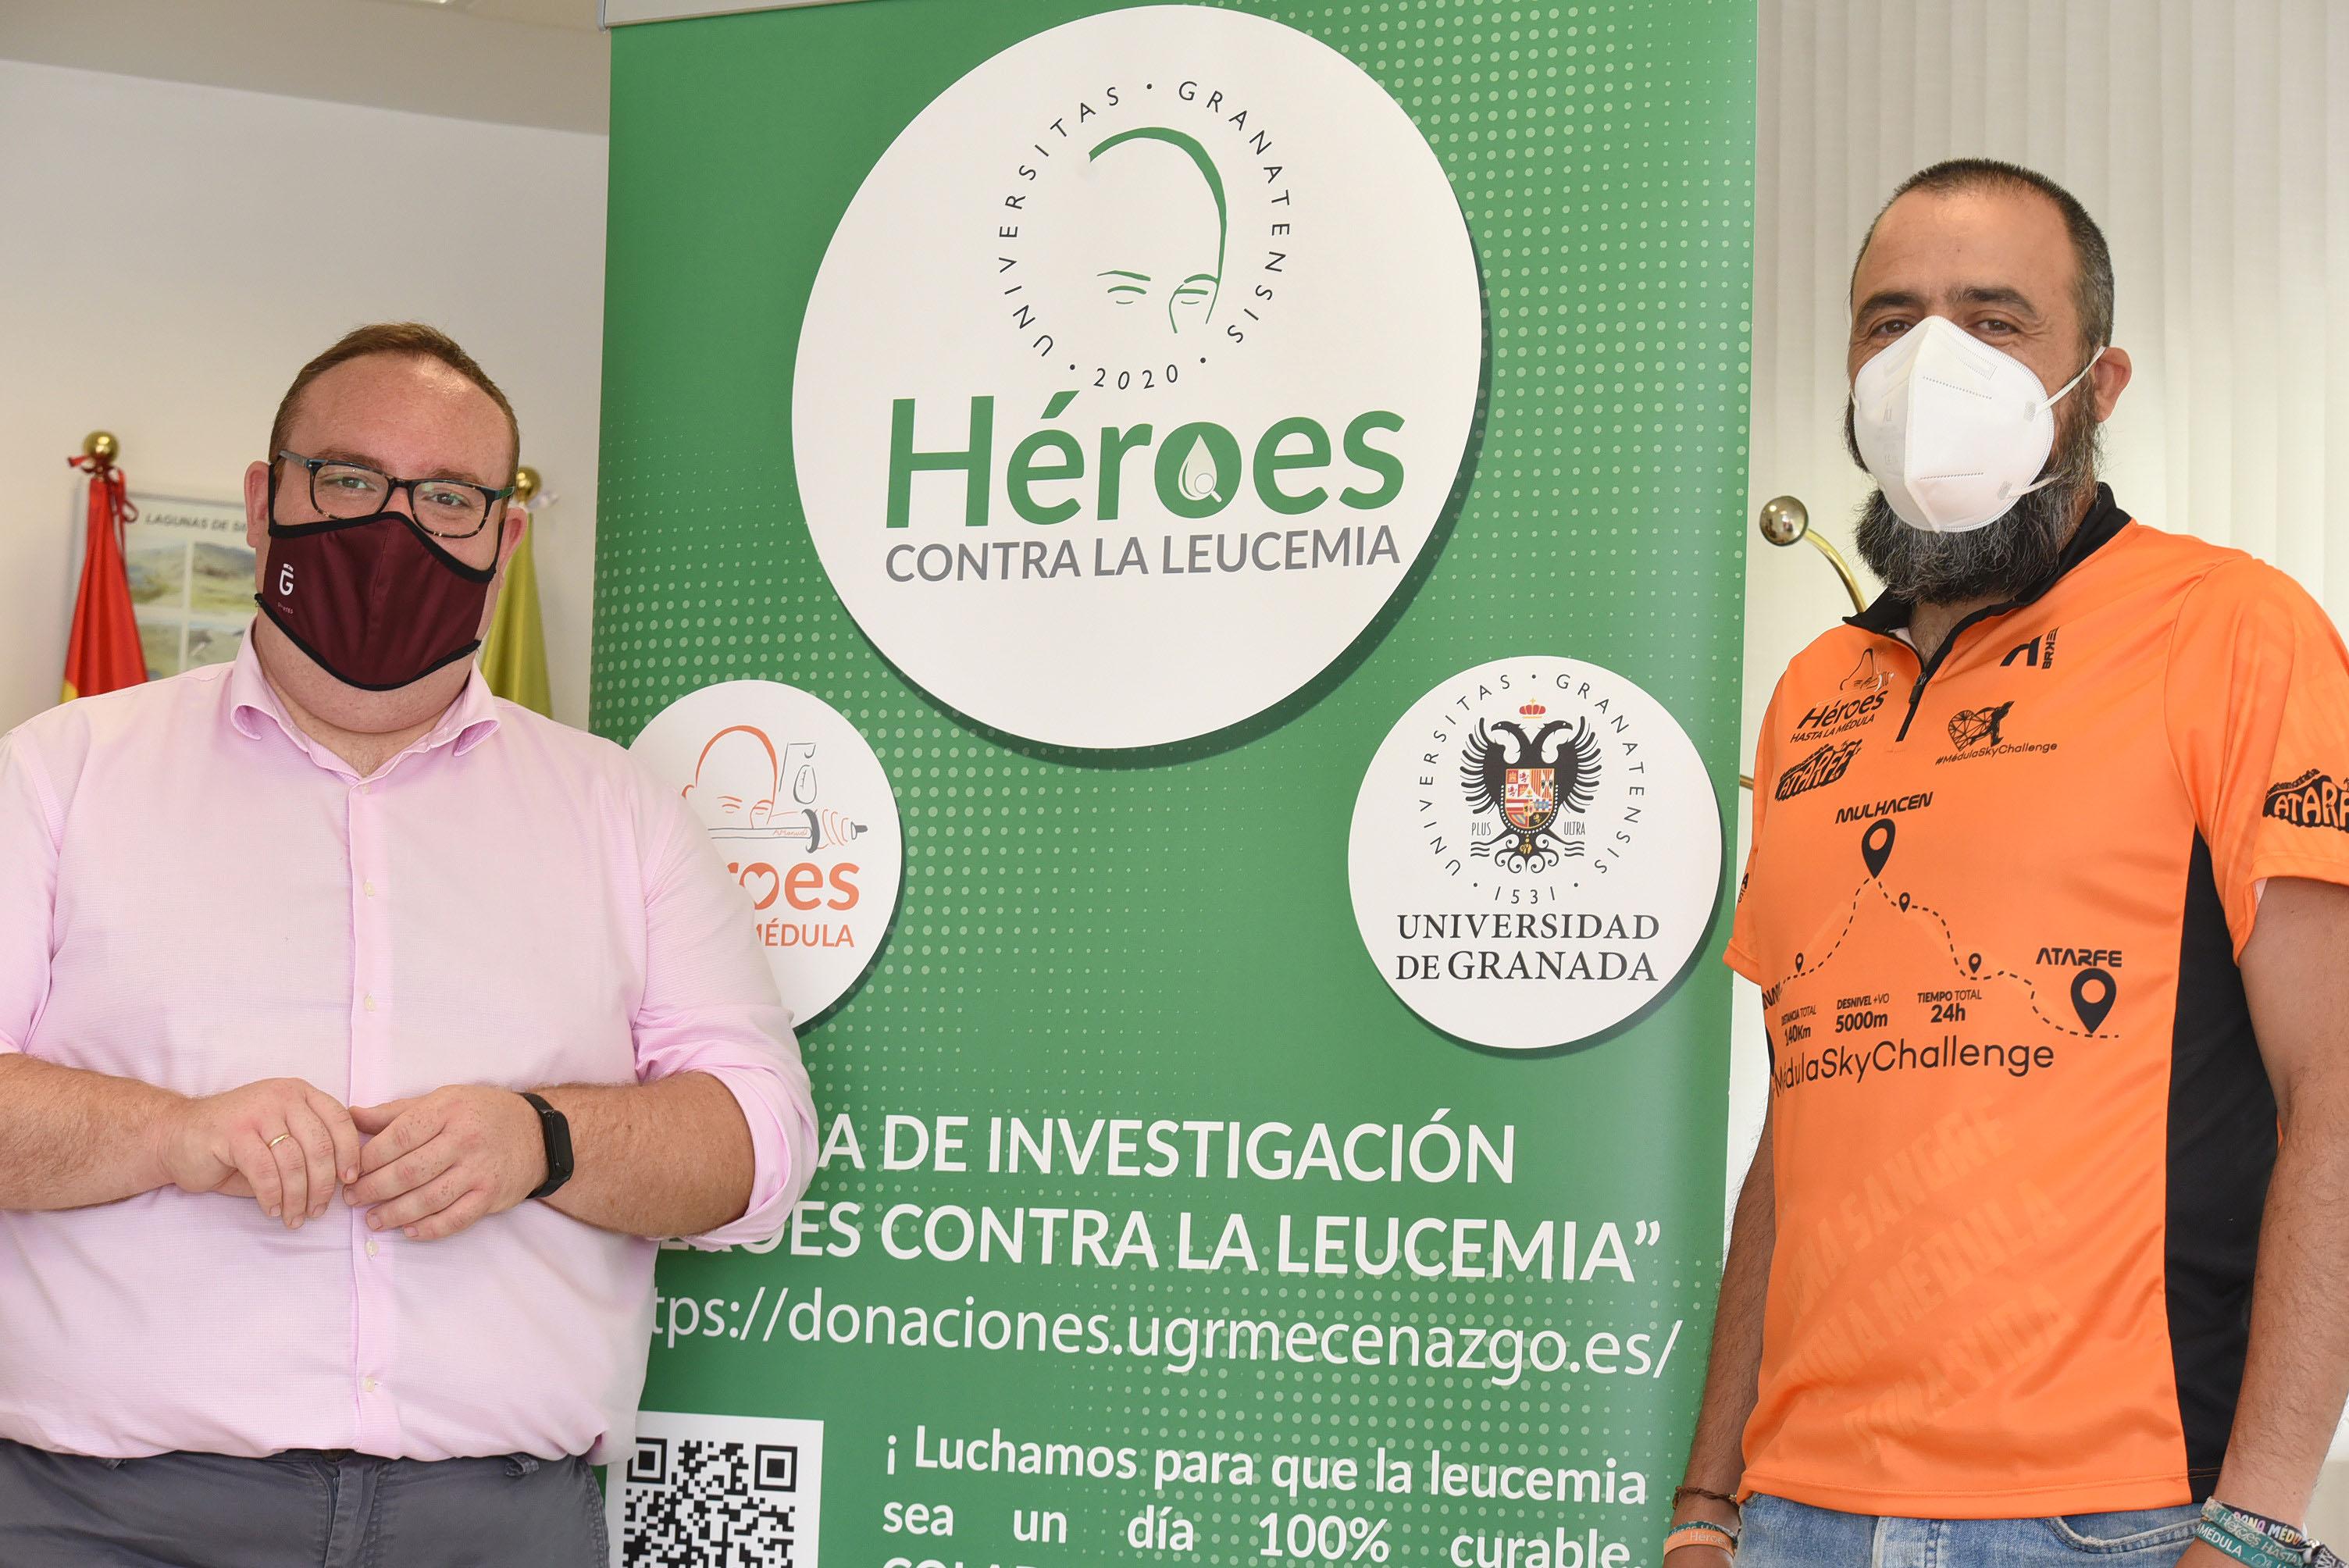 """Apoyo de la Diputación al reto solidario de """"Héroes contra la leucemia"""""""